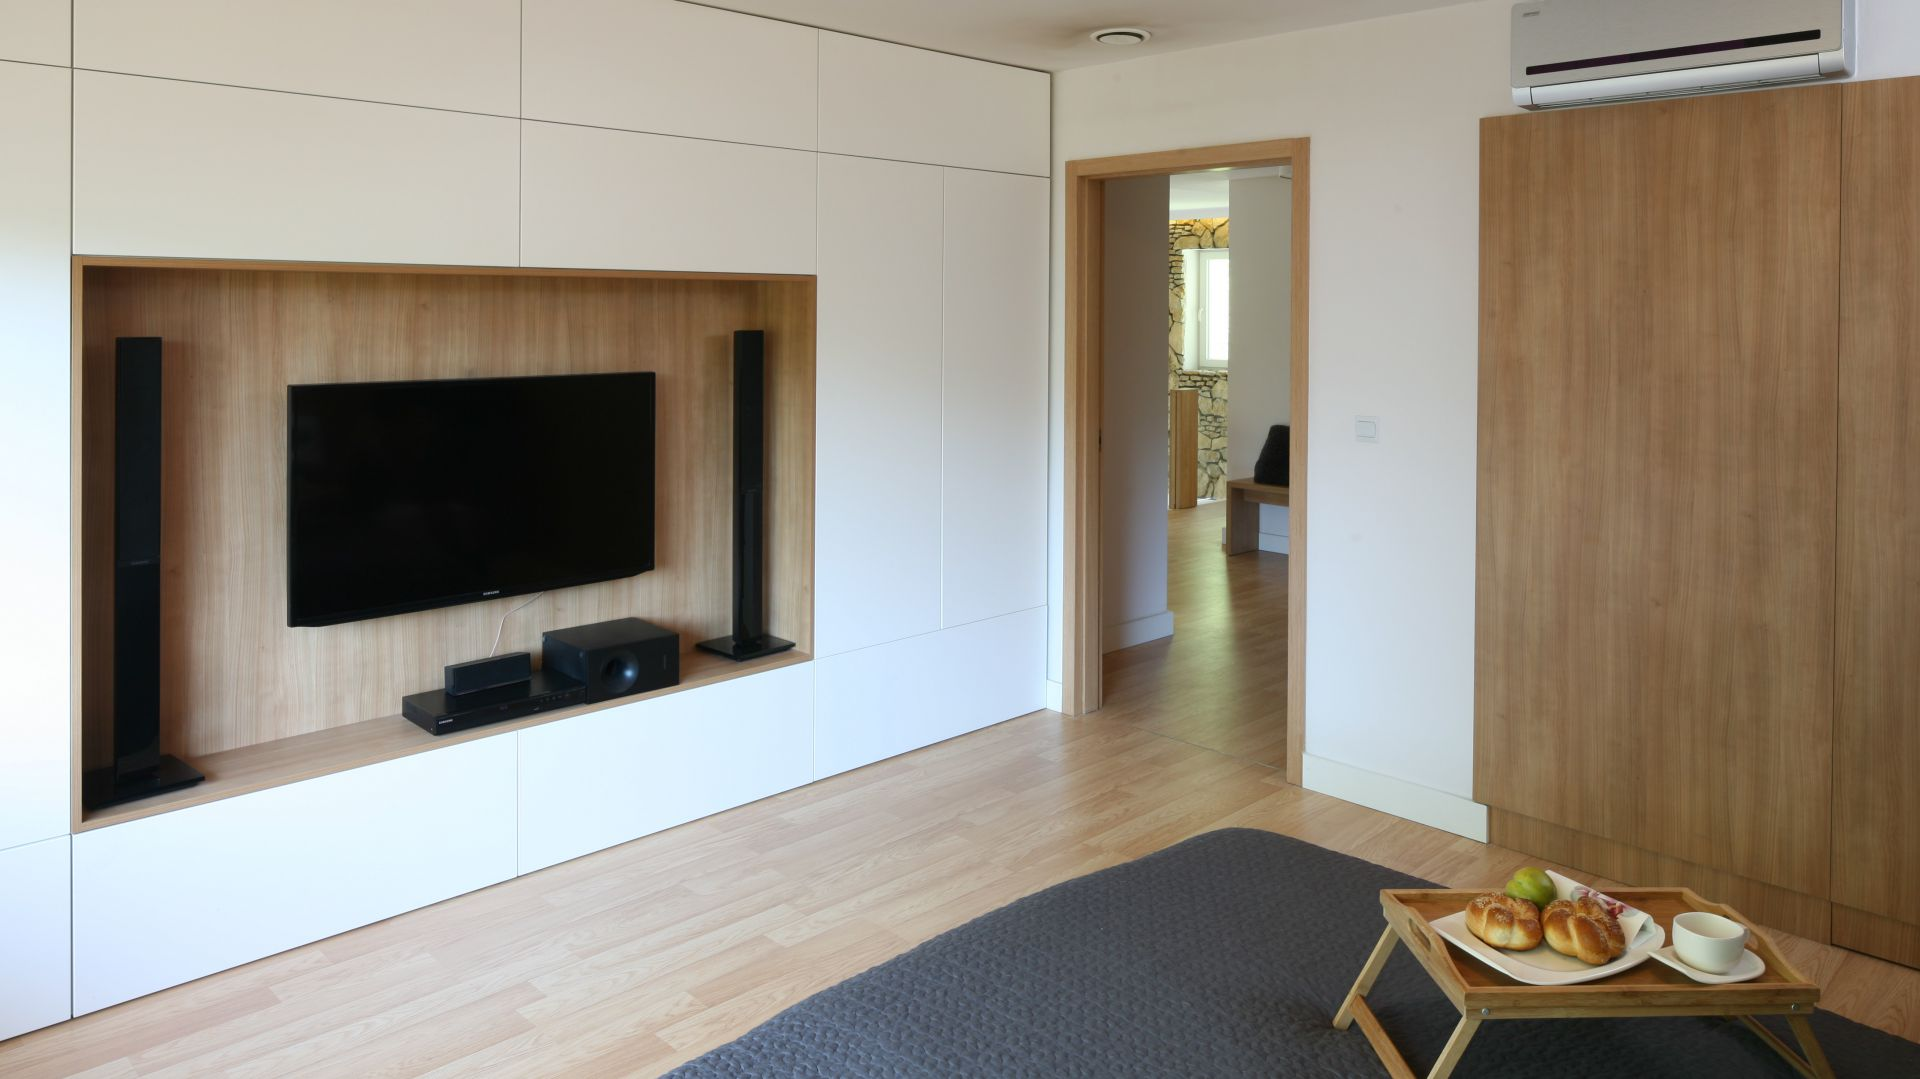 Miejsce na telewizor zostało zaprojektowane jako wnęka w białej zabudowie. Proj.Małgorzata Błaszczak. Fot. Bartosz Jarosz.